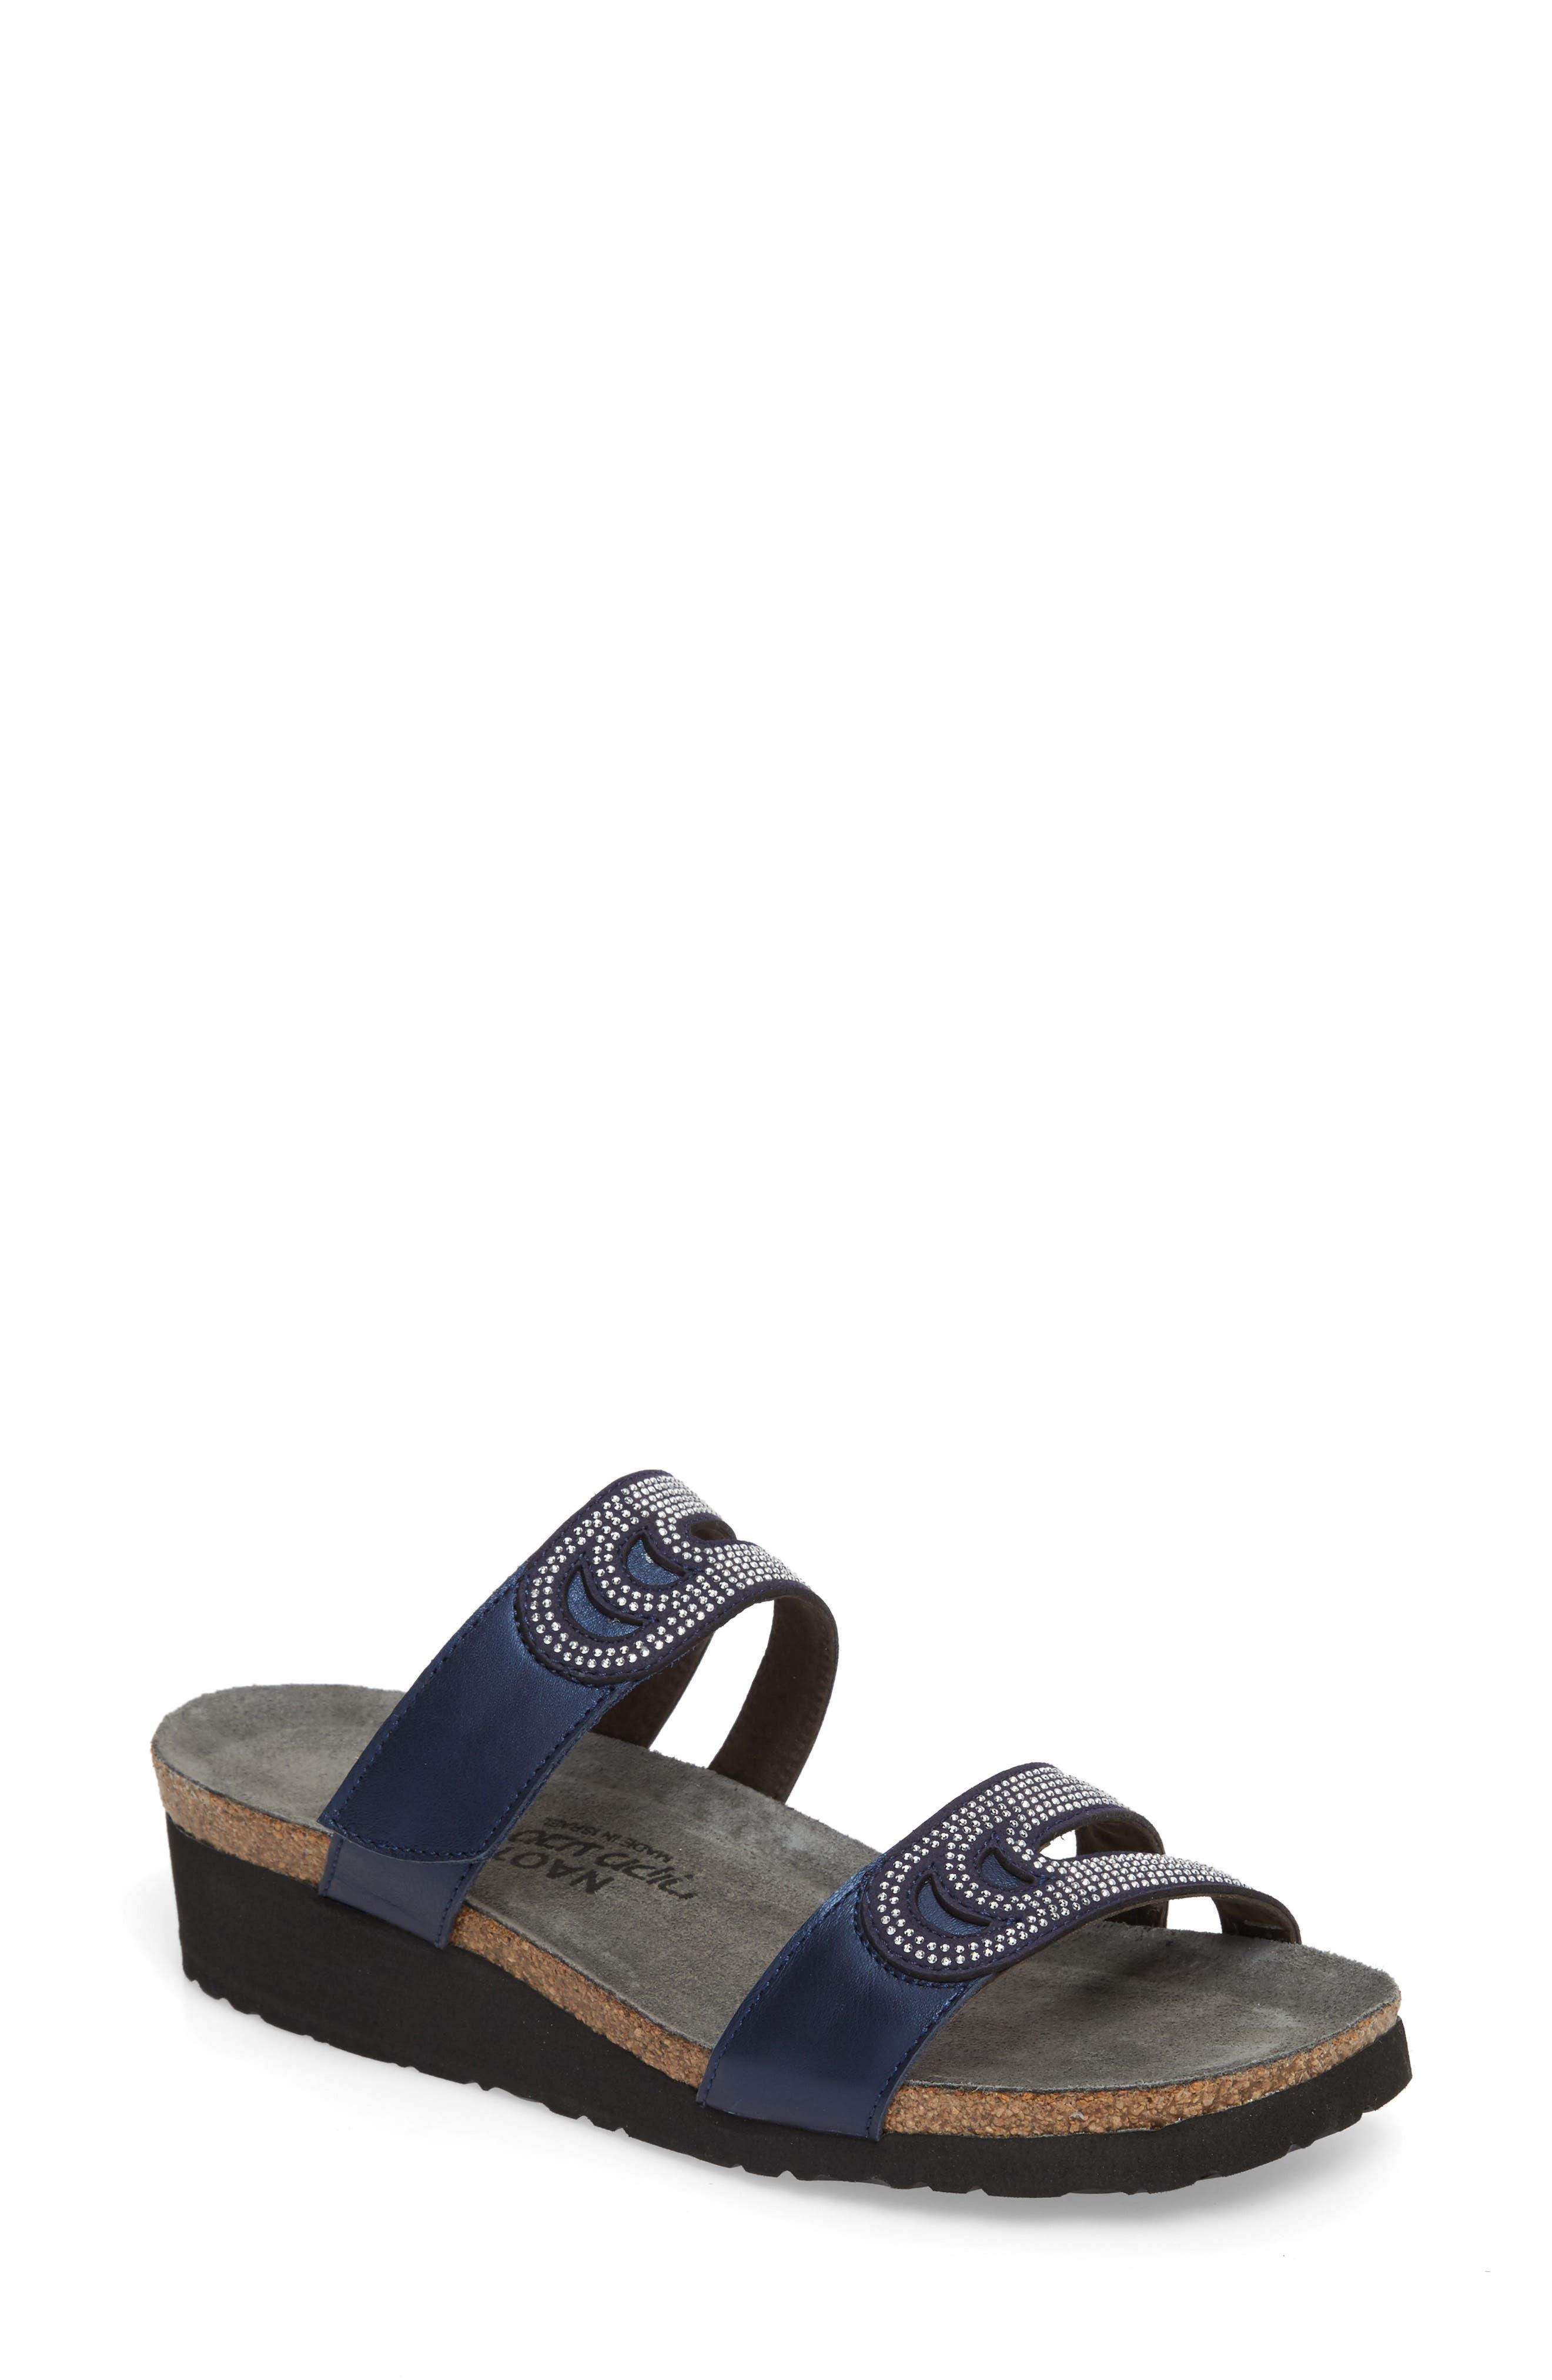 Ainsley Studded Slide Sandal,                         Main,                         color, Polar Nubuck